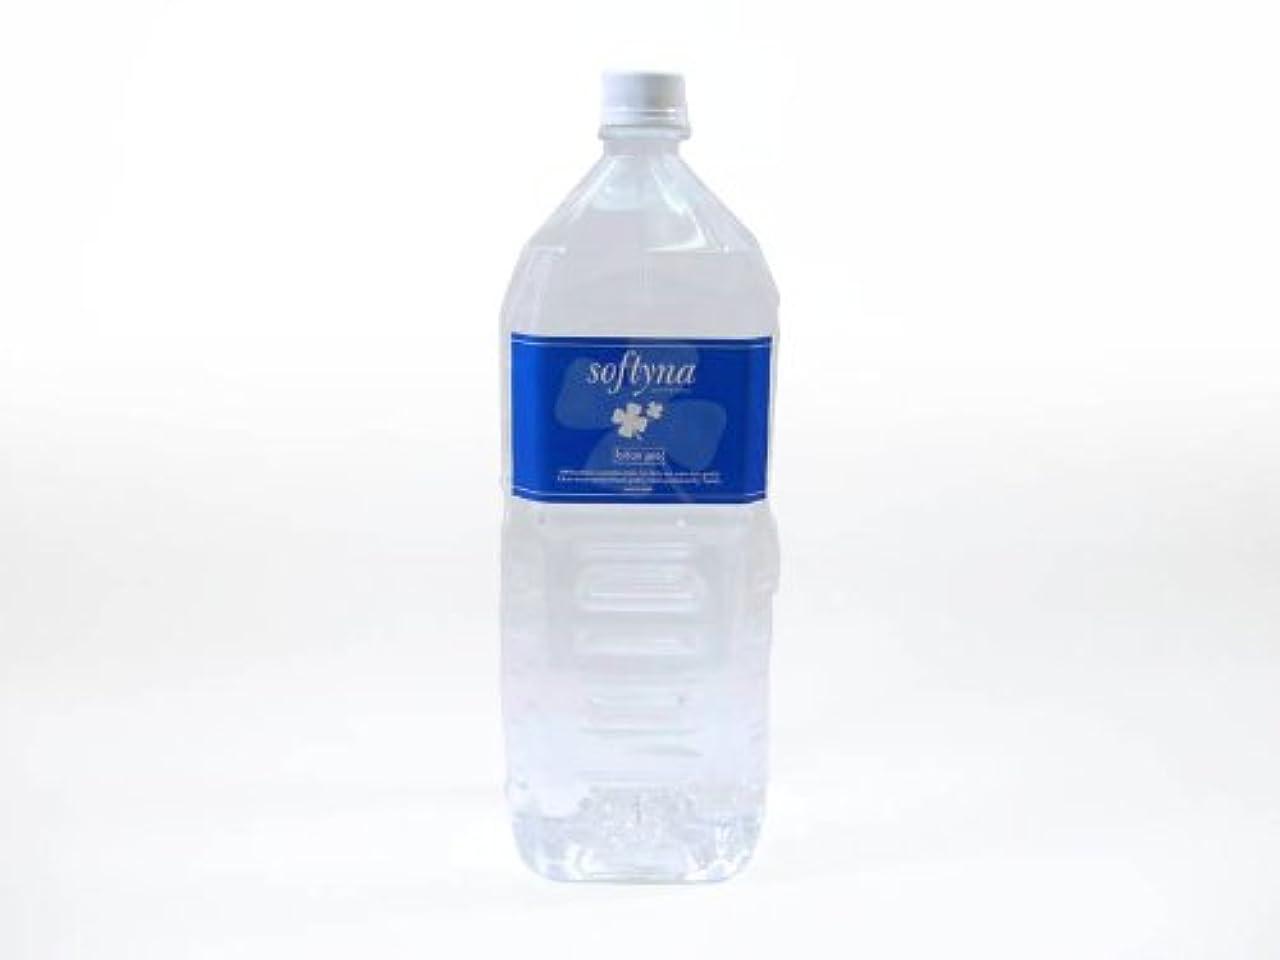 不良品無視する自分を引き上げる業務用 ソフティナローション 2L 潤滑剤